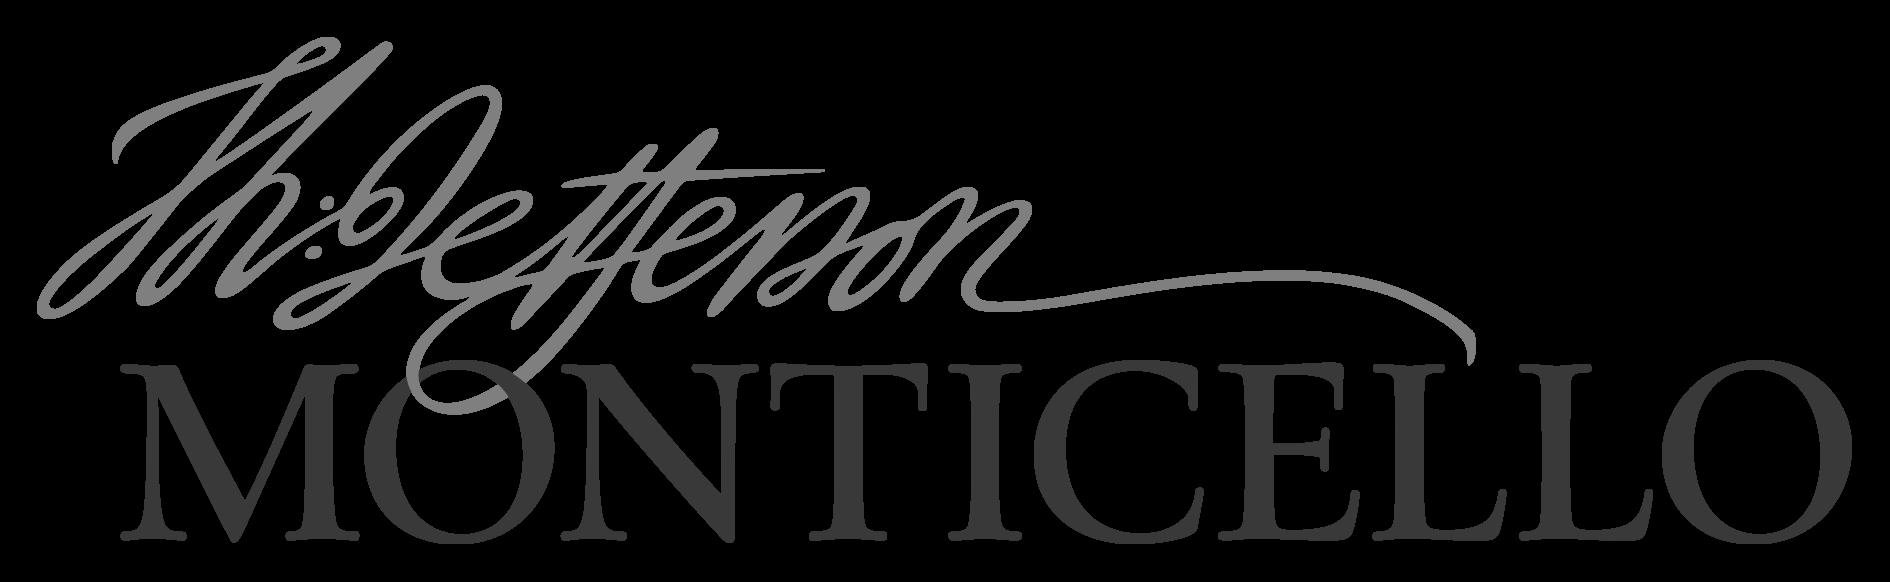 TJH_logo.png